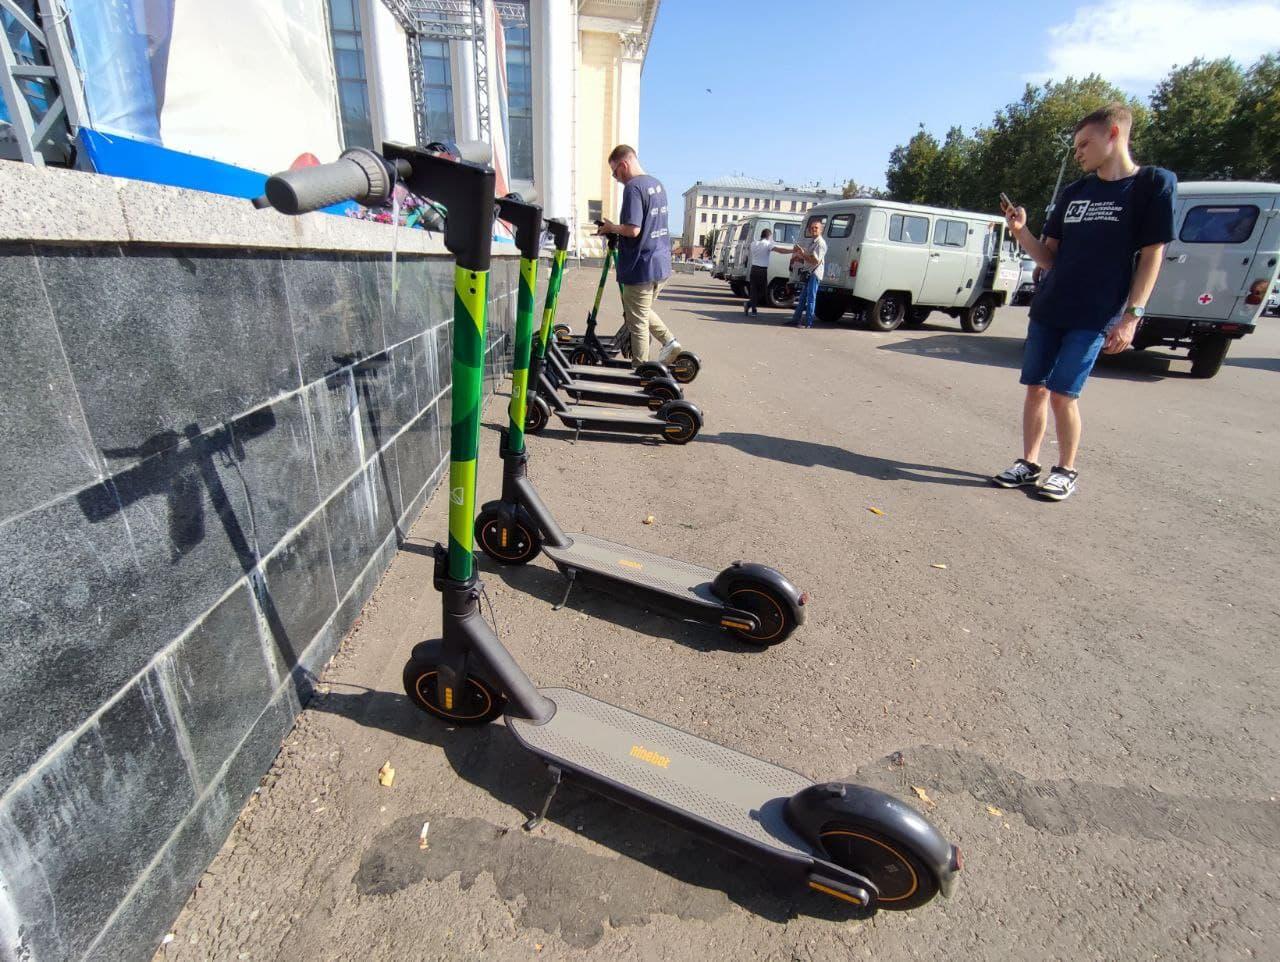 Мы проверили первый прокат самокатов в Кирове. И с ним есть проблемы